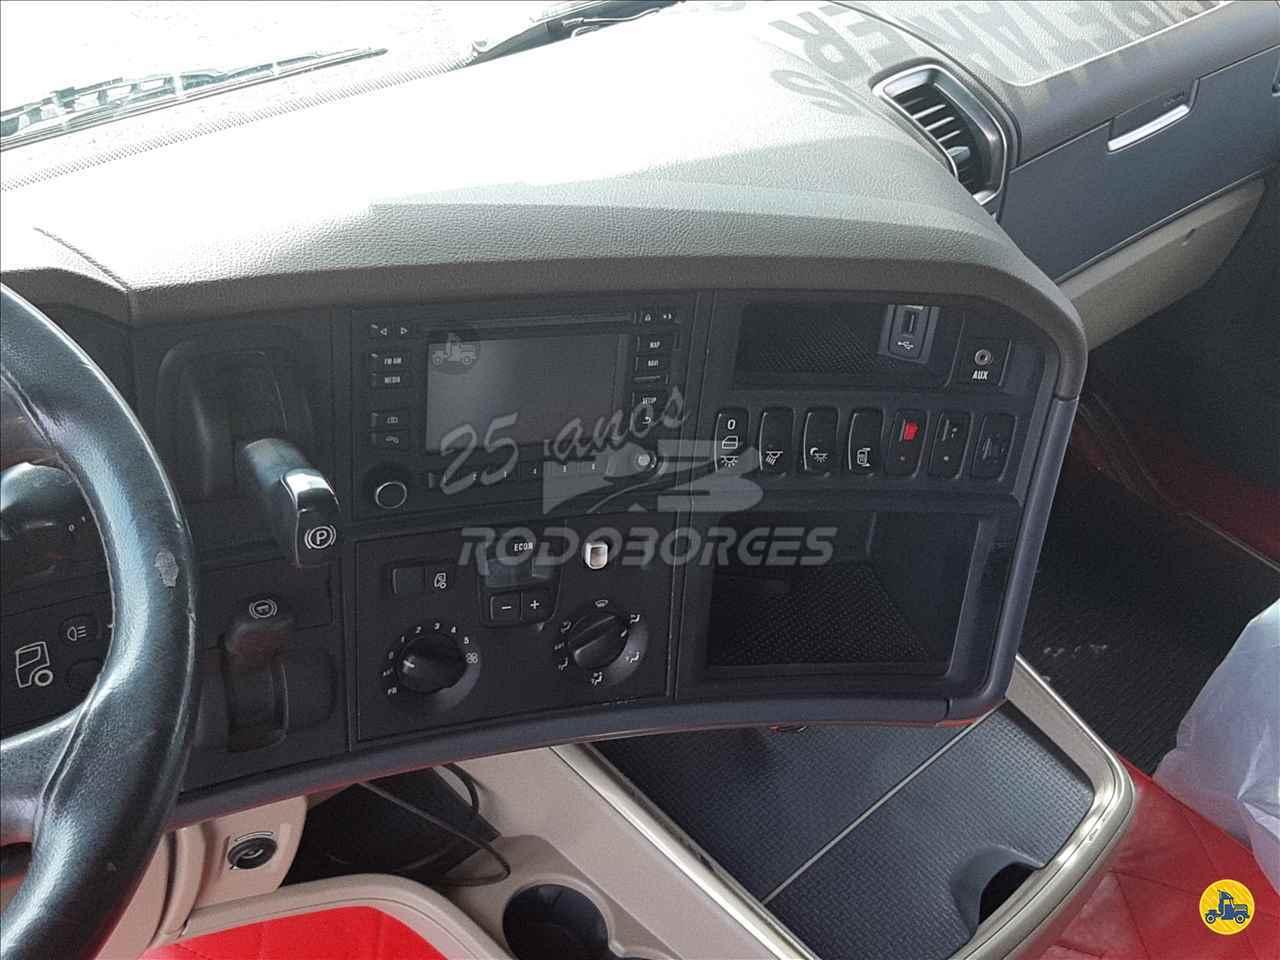 CAMINHAO SCANIA SCANIA 440 Cavalo Mecânico Traçado 6x4 RodoBorges Caminhões UBERABA MINAS GERAIS MG